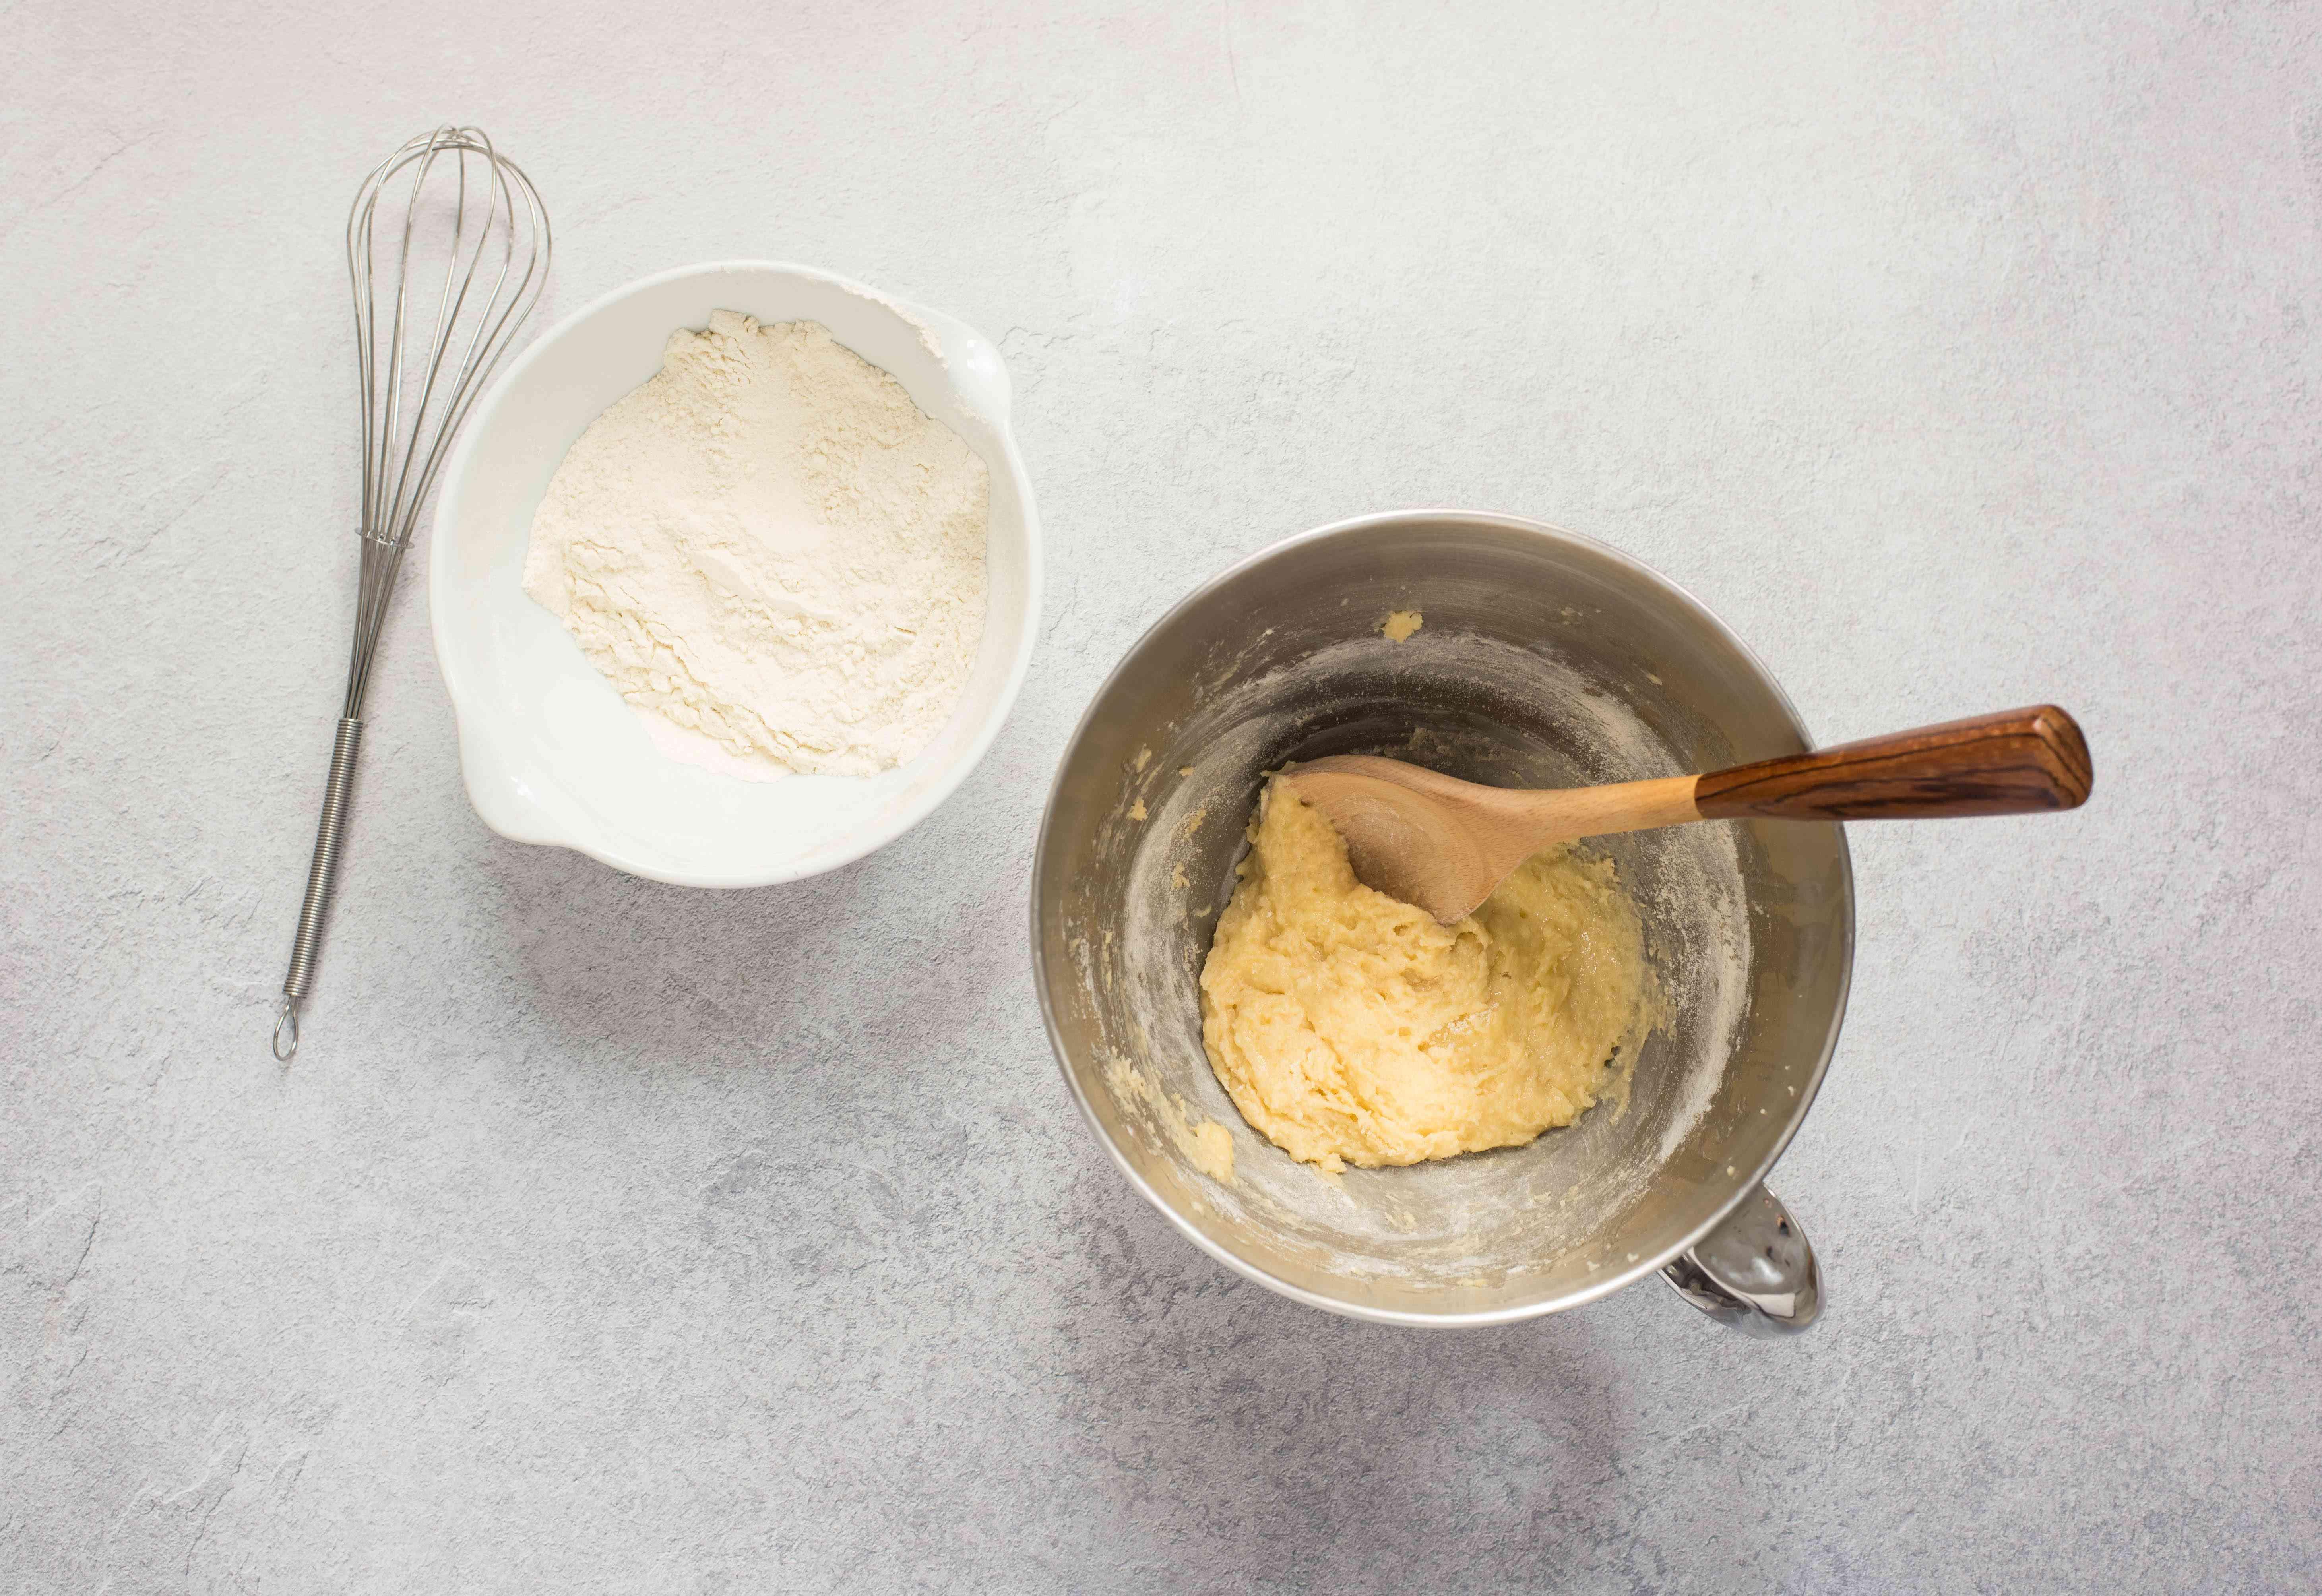 Whisk together flour